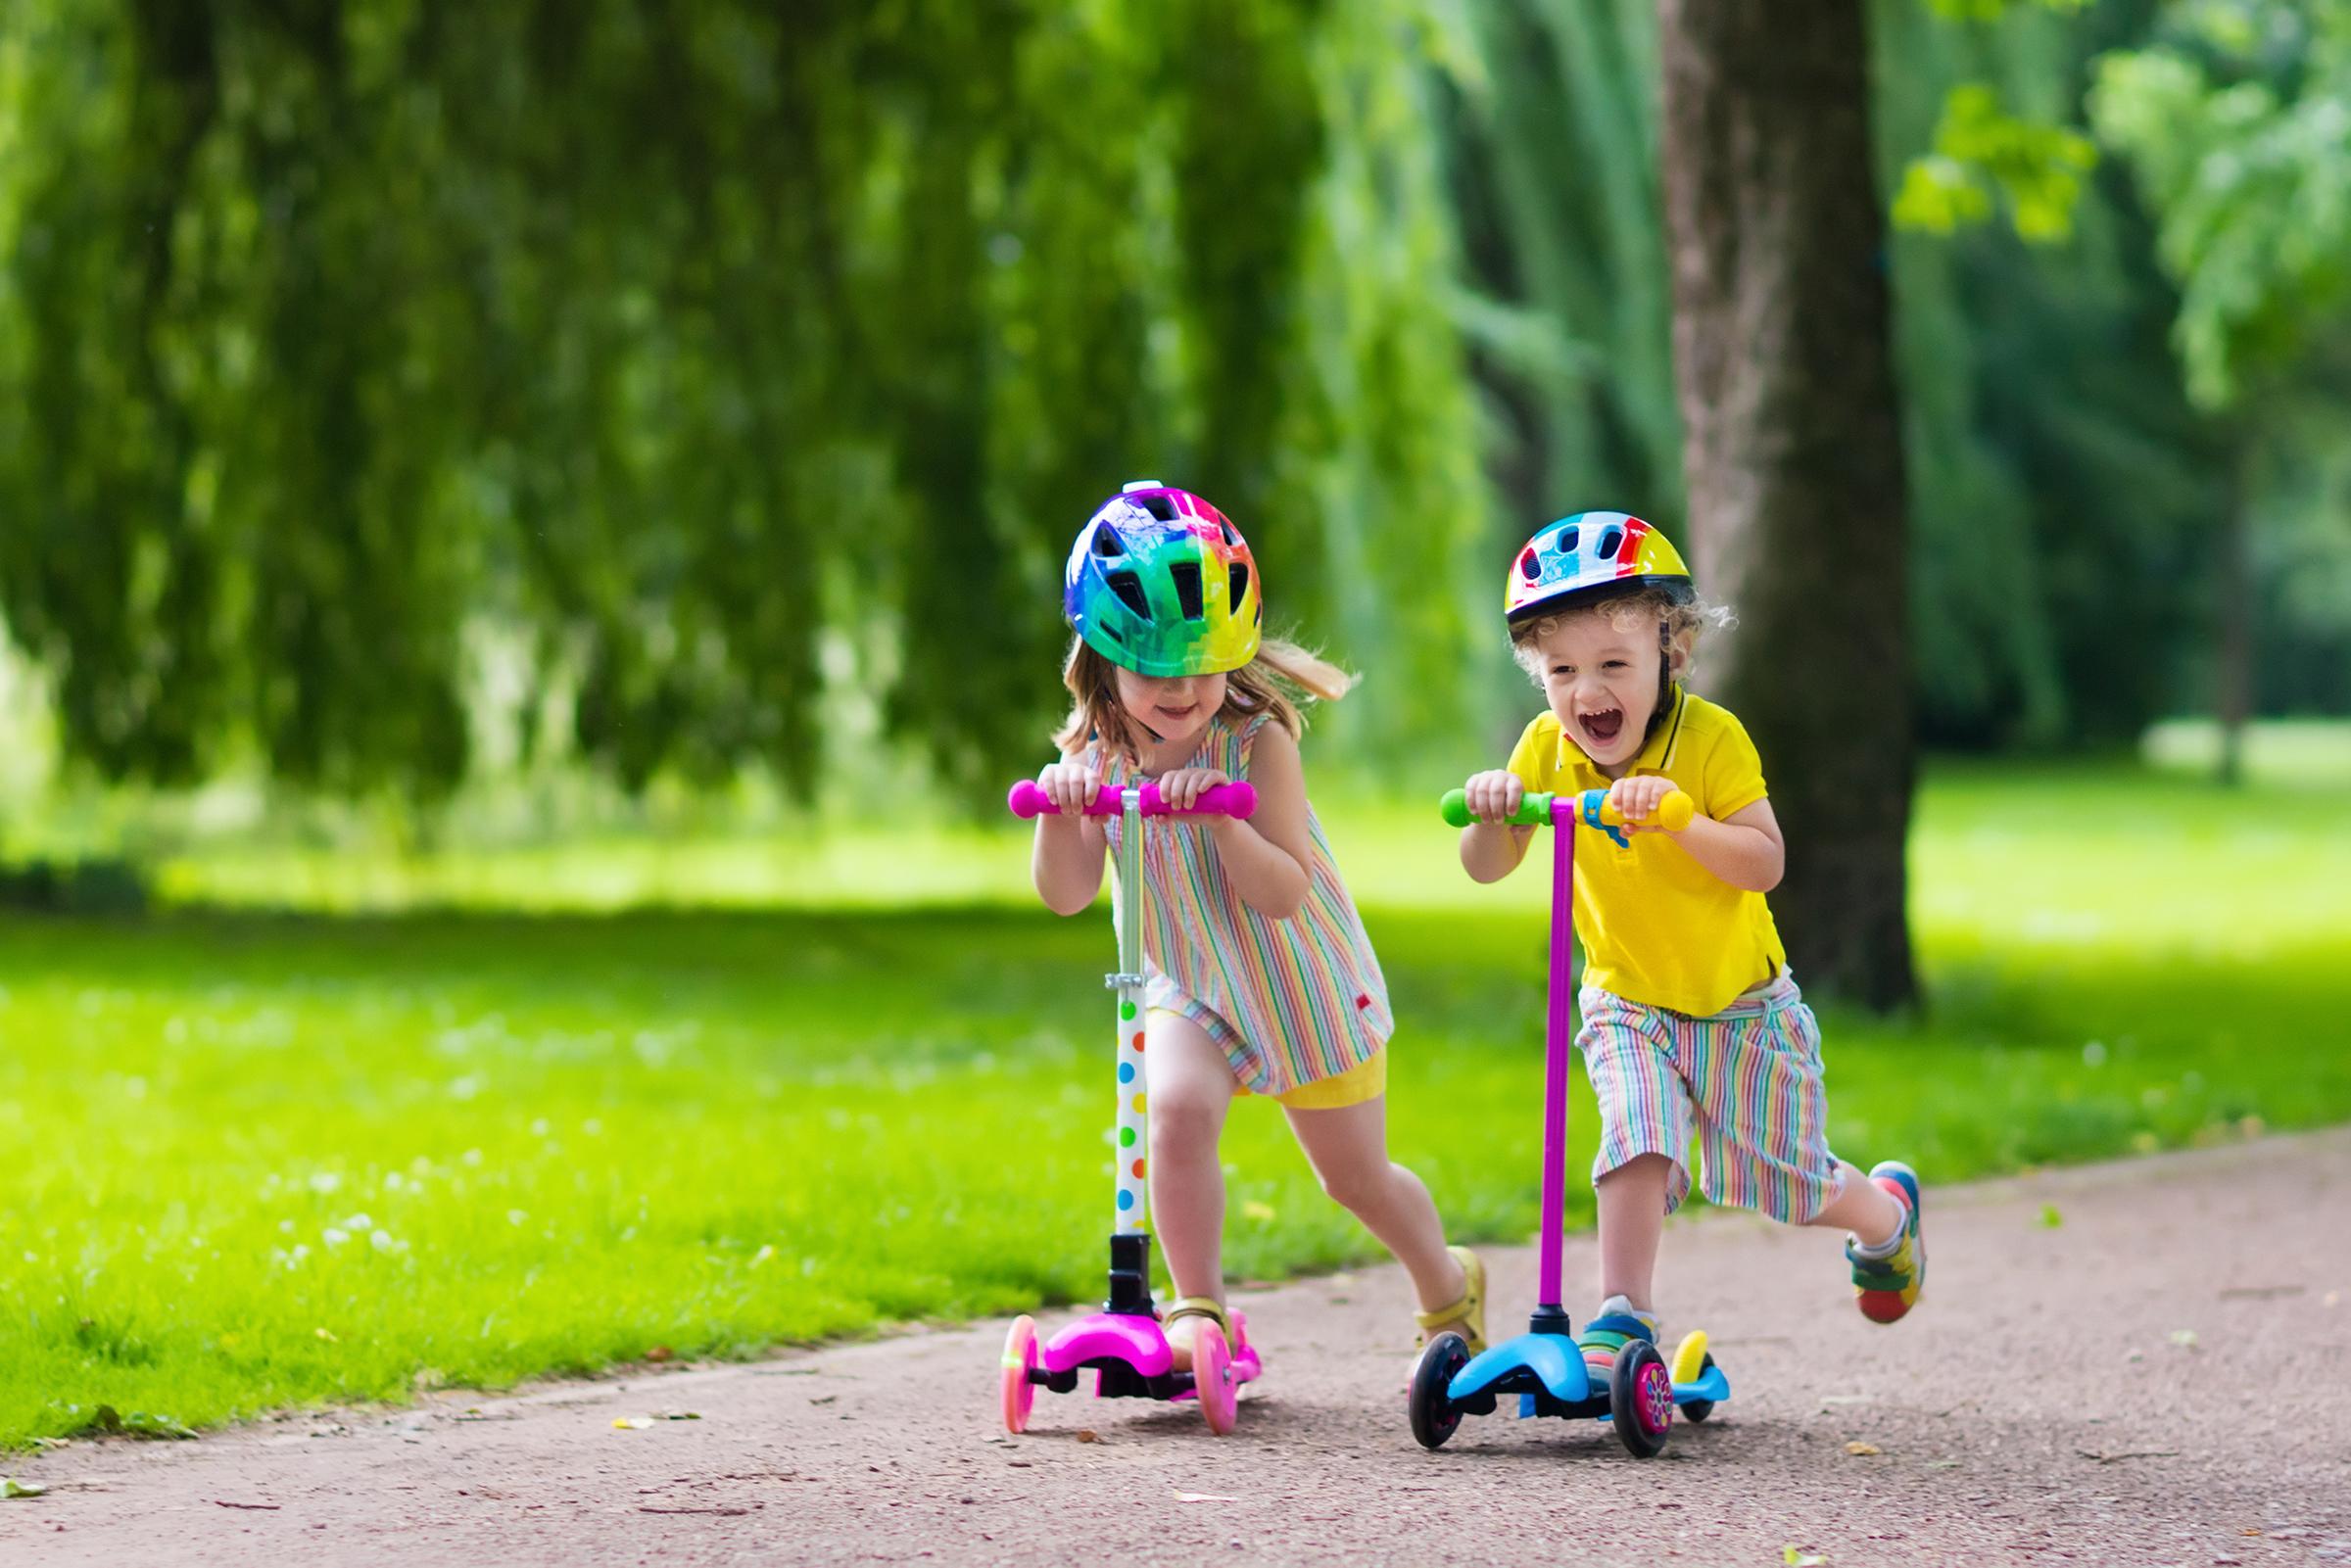 Фото дети на самокате